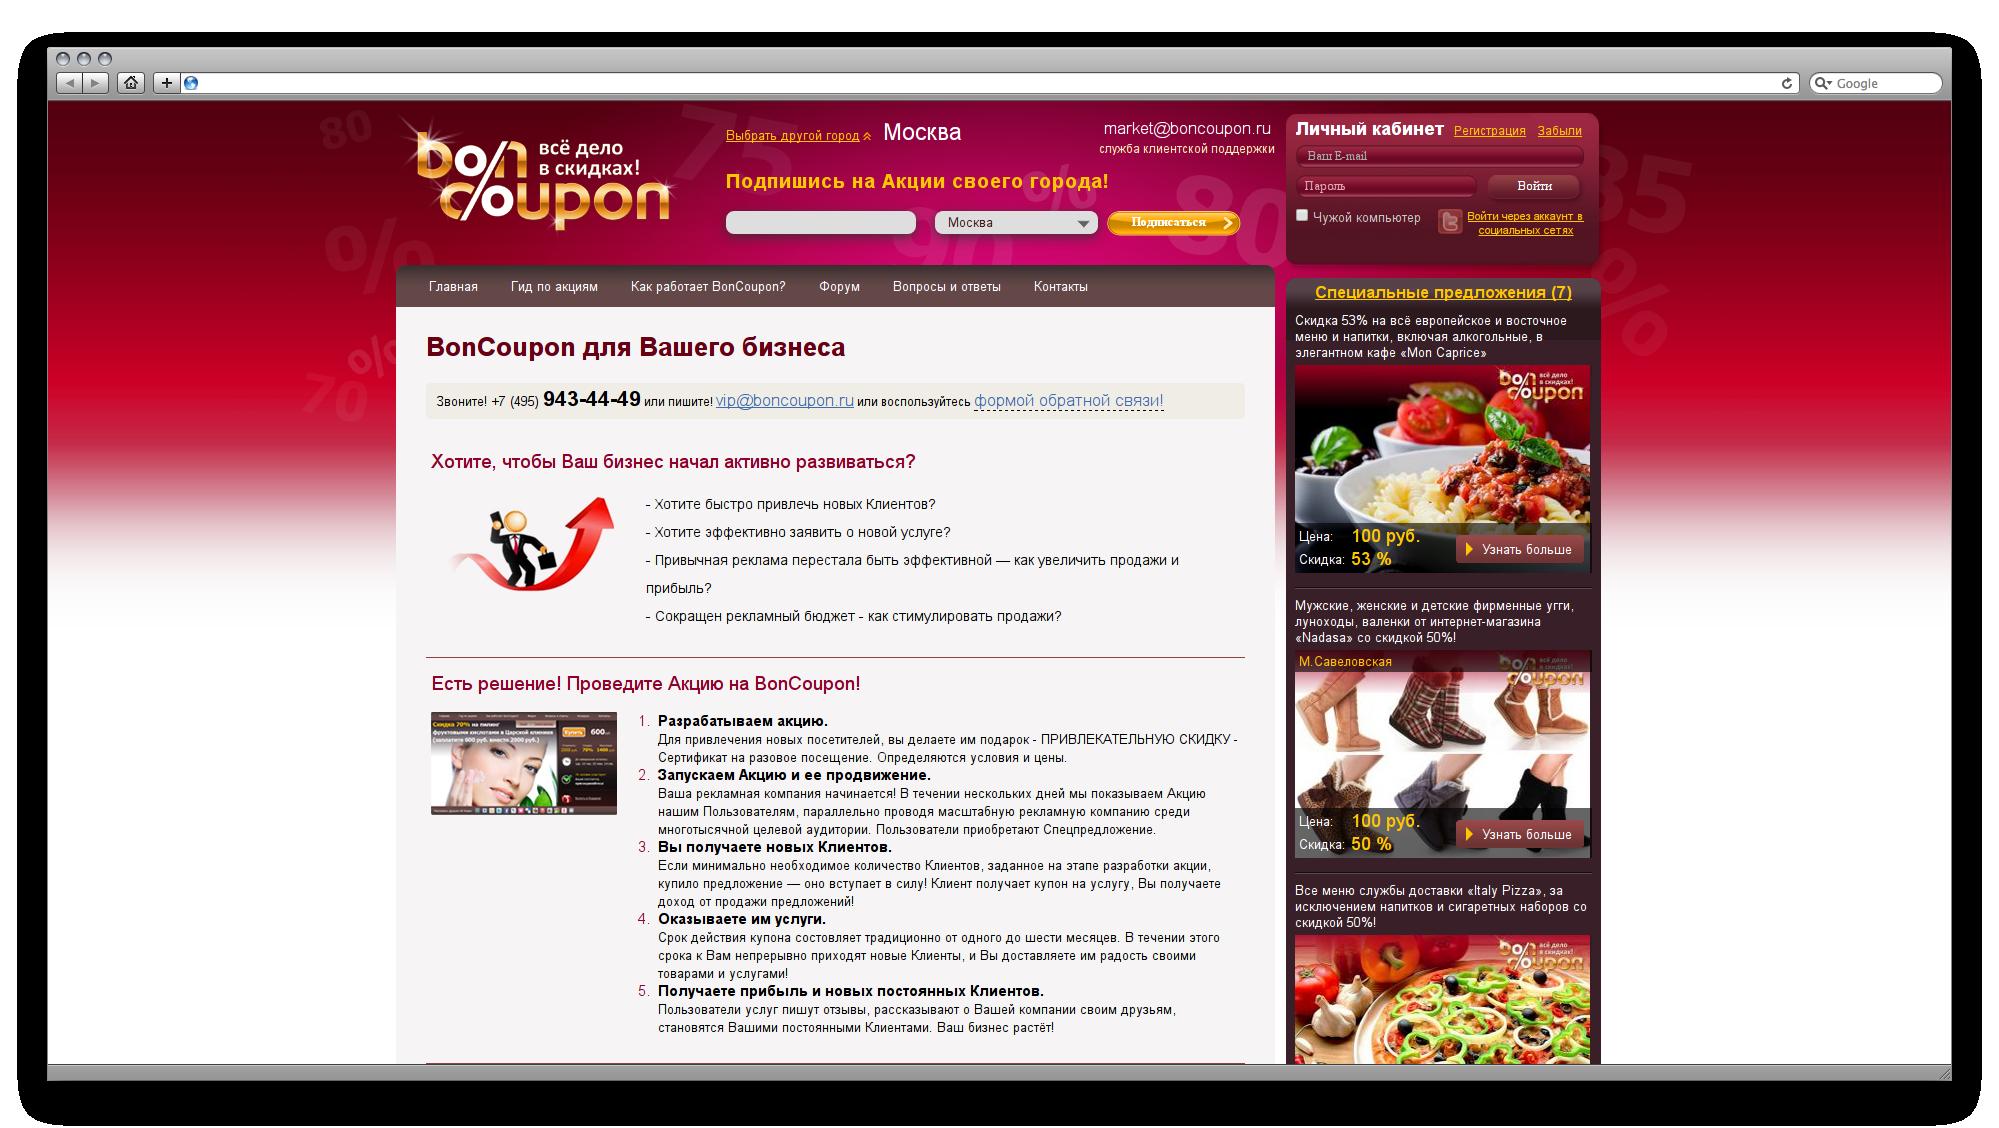 BonCoupon для Вашего бизнеса